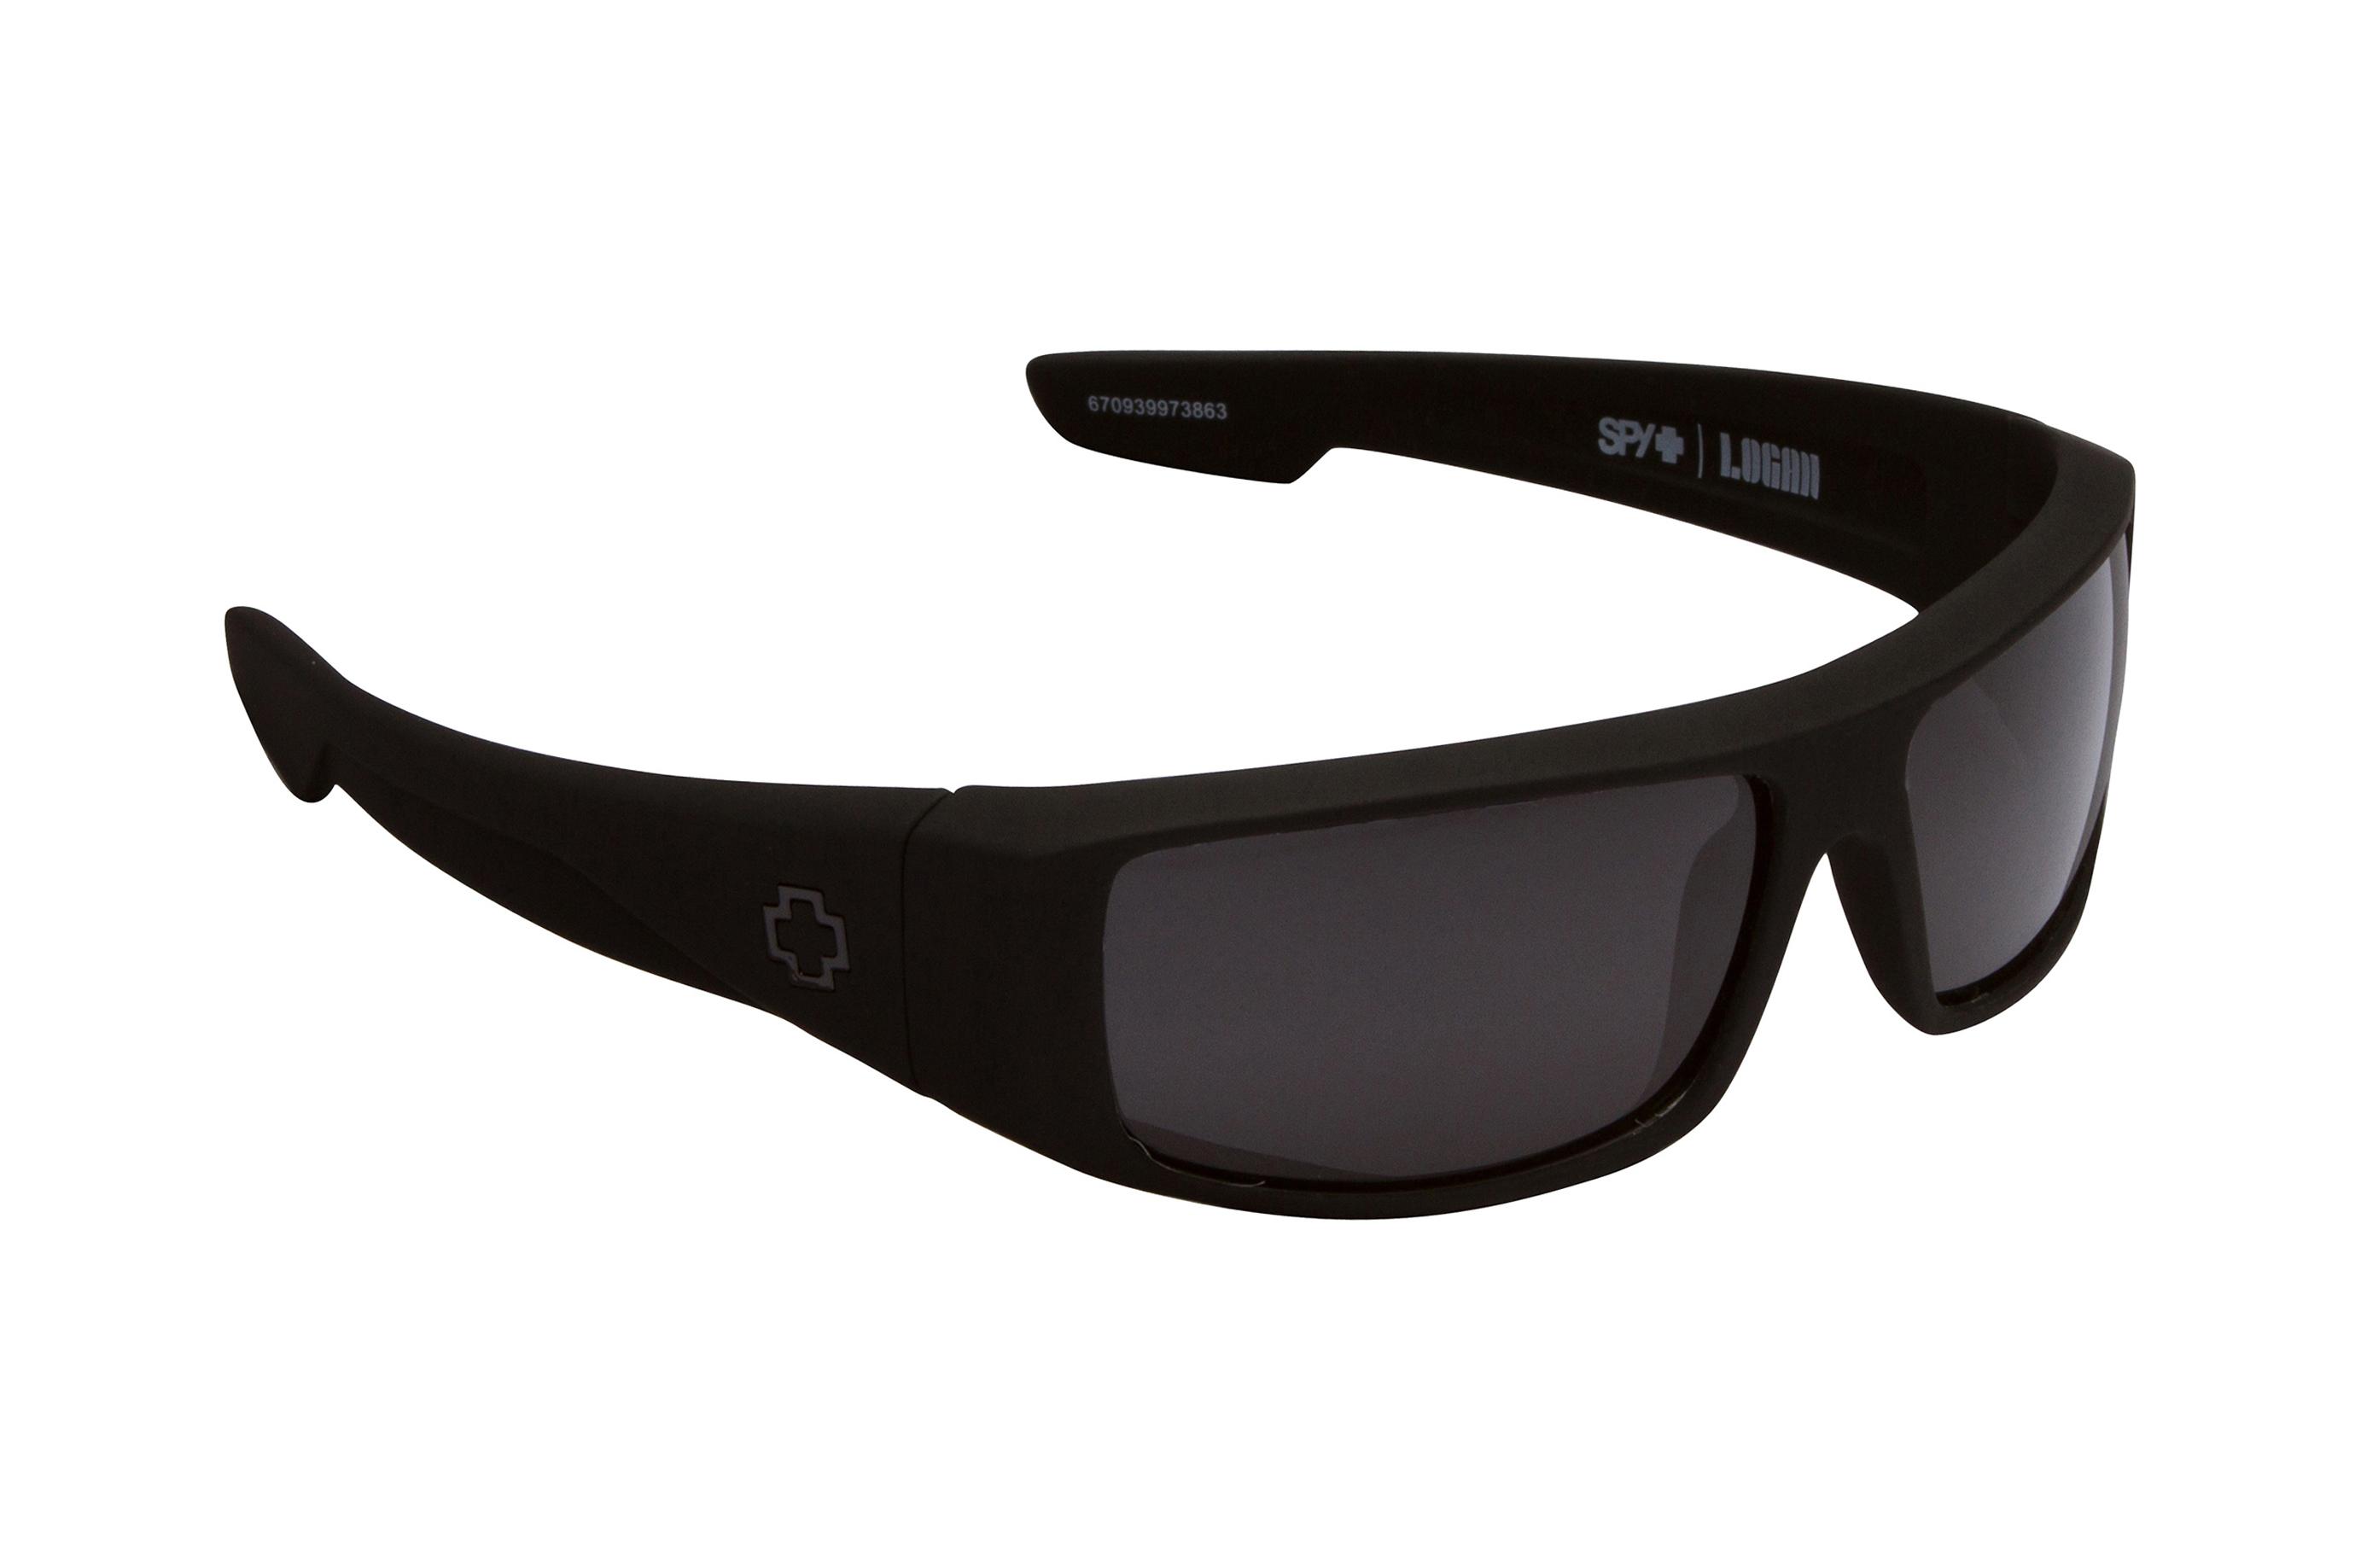 101a3afa3b61f LOGAN Replacement Lenses by SEEK OPTICS to fit SPY OPTICS Sunglasses ...